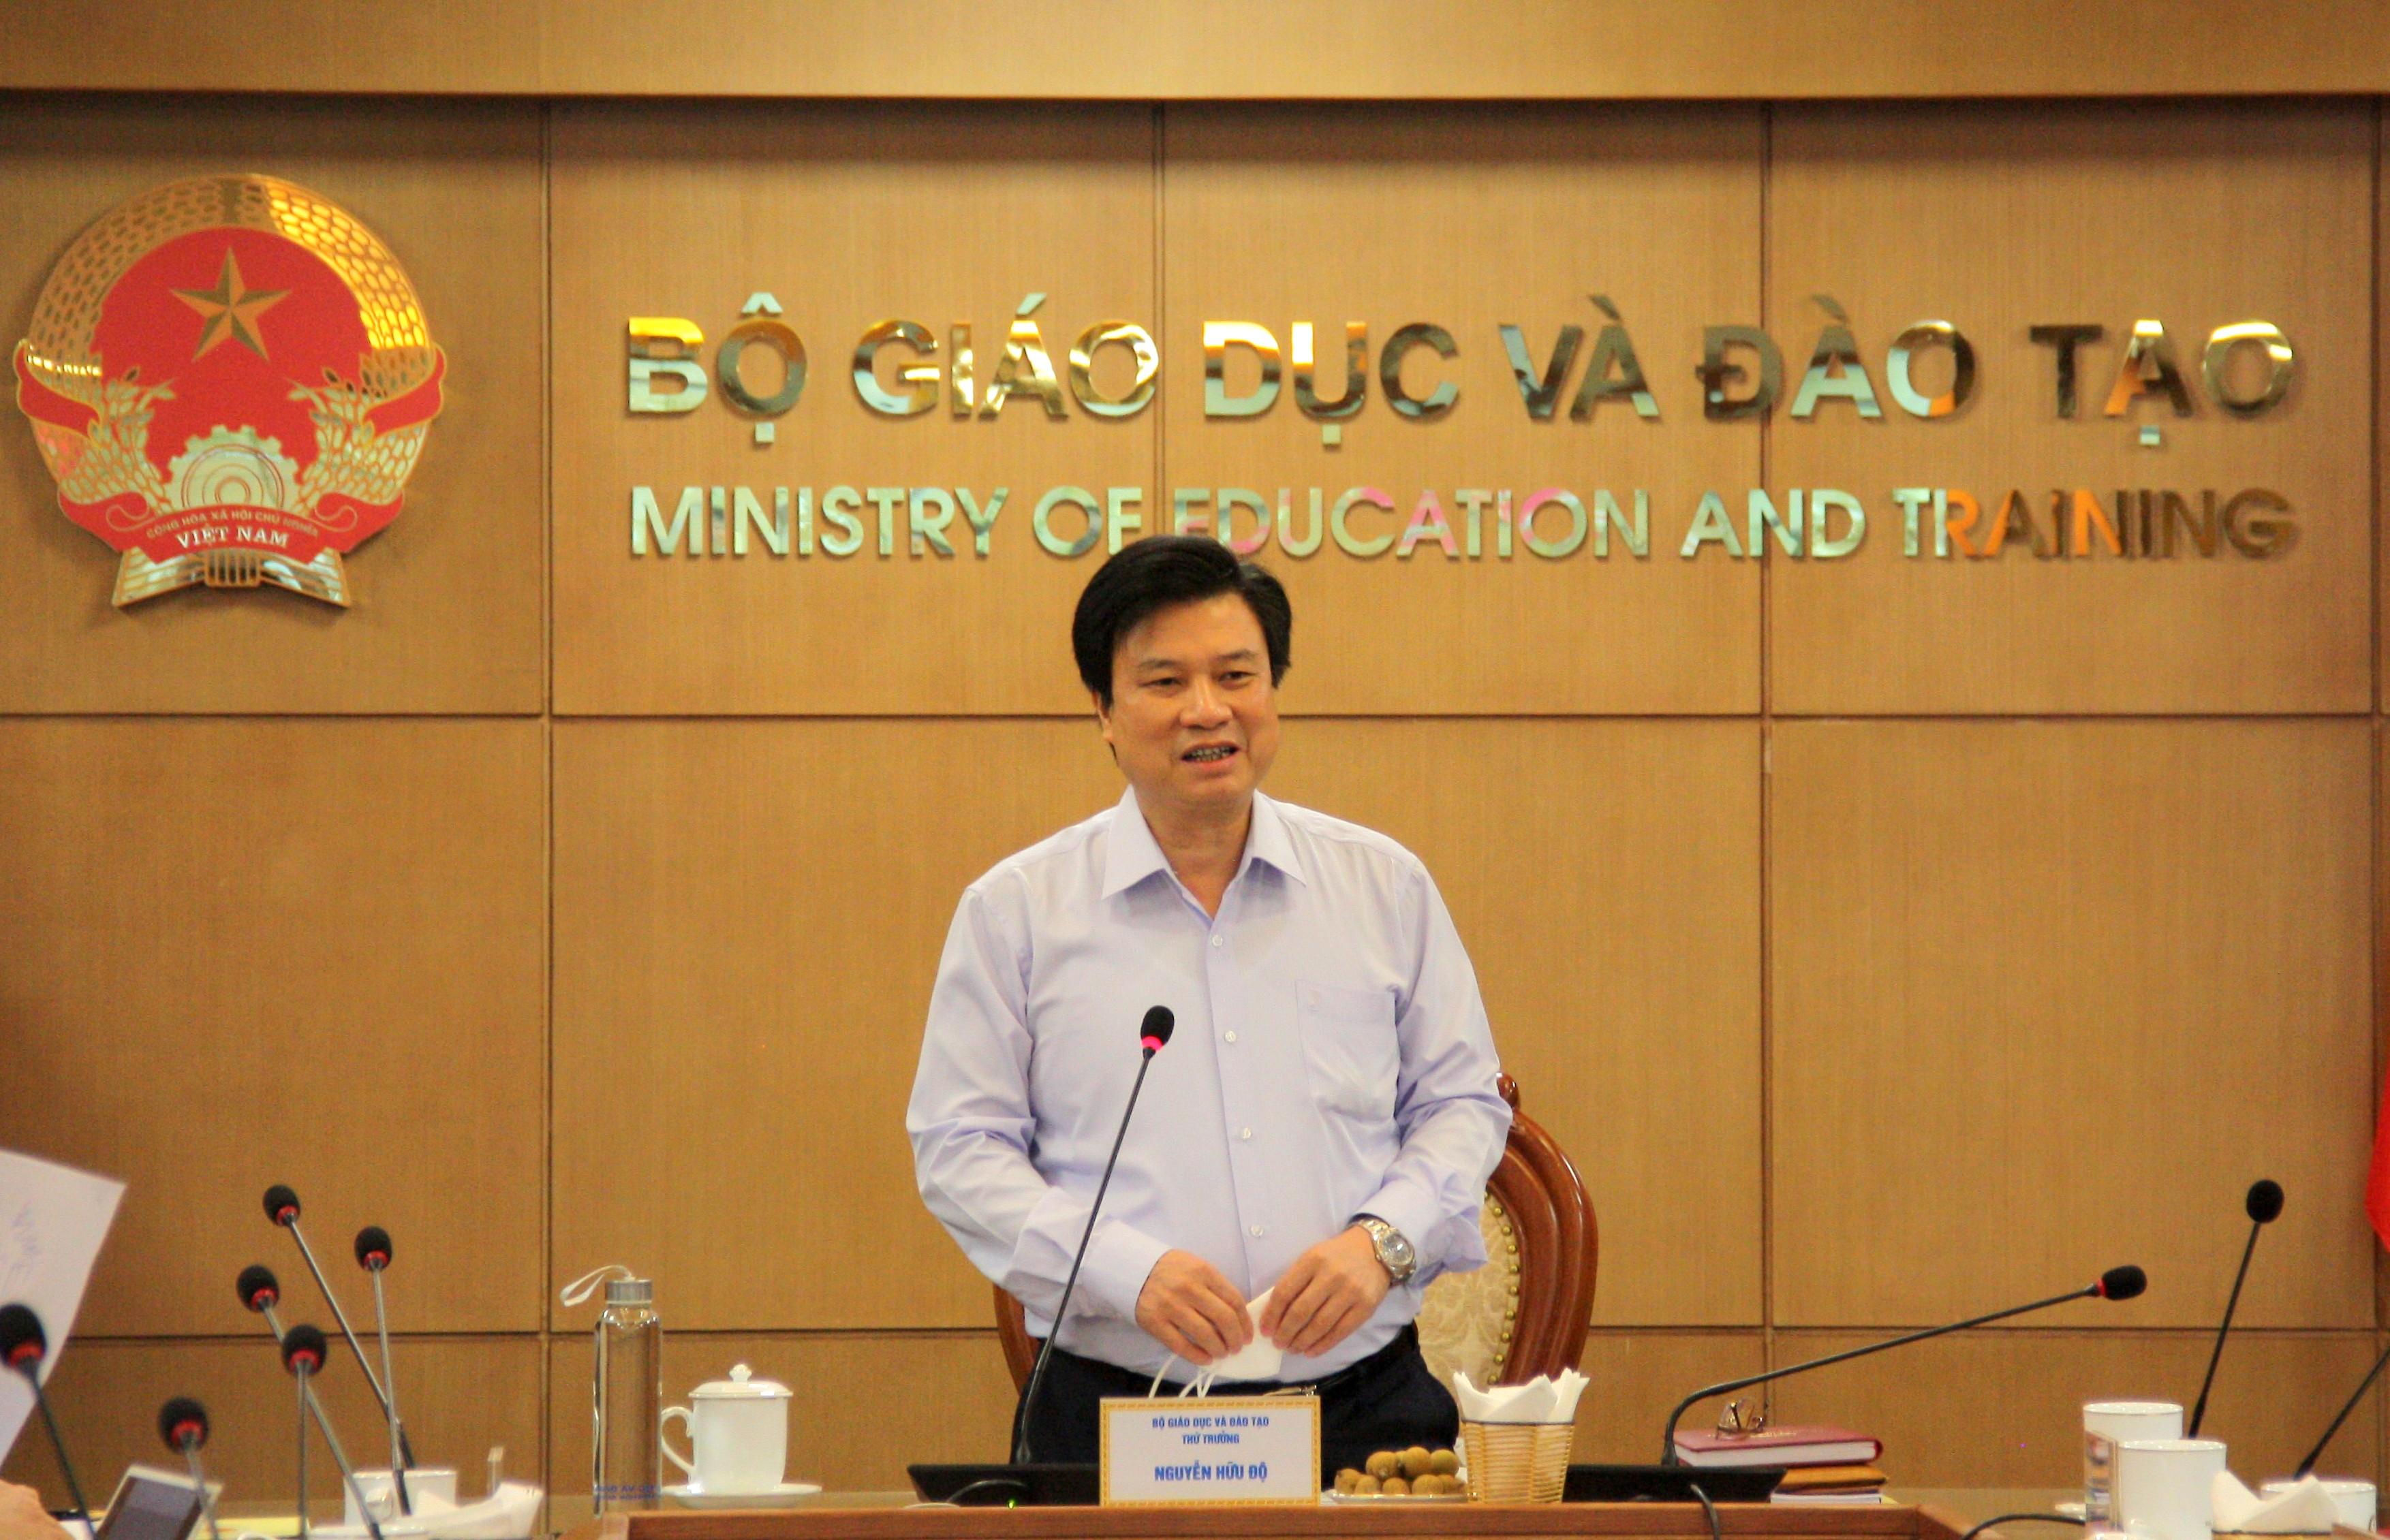 Tin từ Bộ Giáo dục và Đào tạo